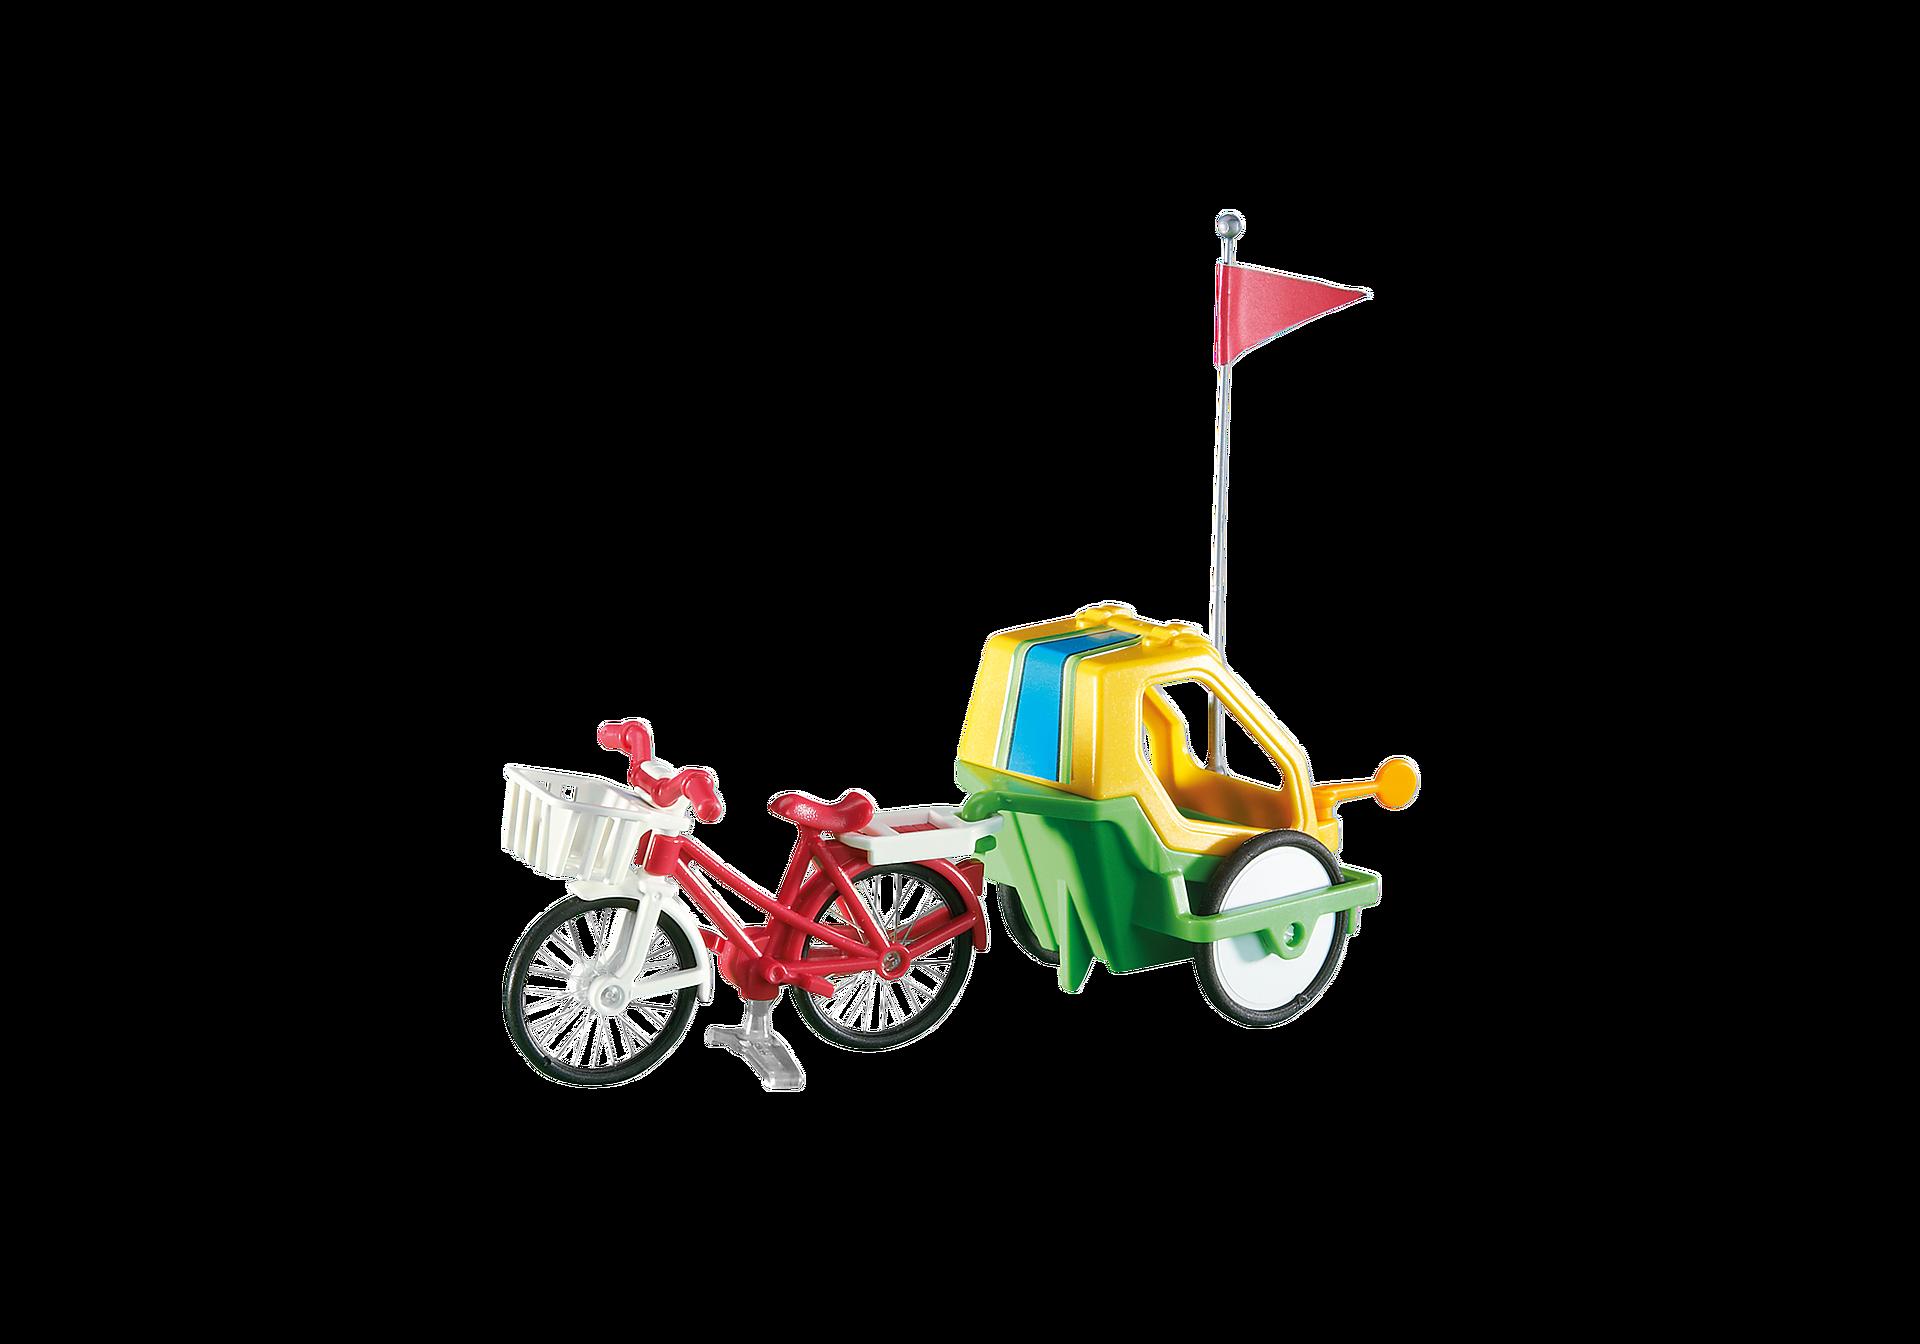 6388 Cykel med cykelanhænger til børn zoom image1